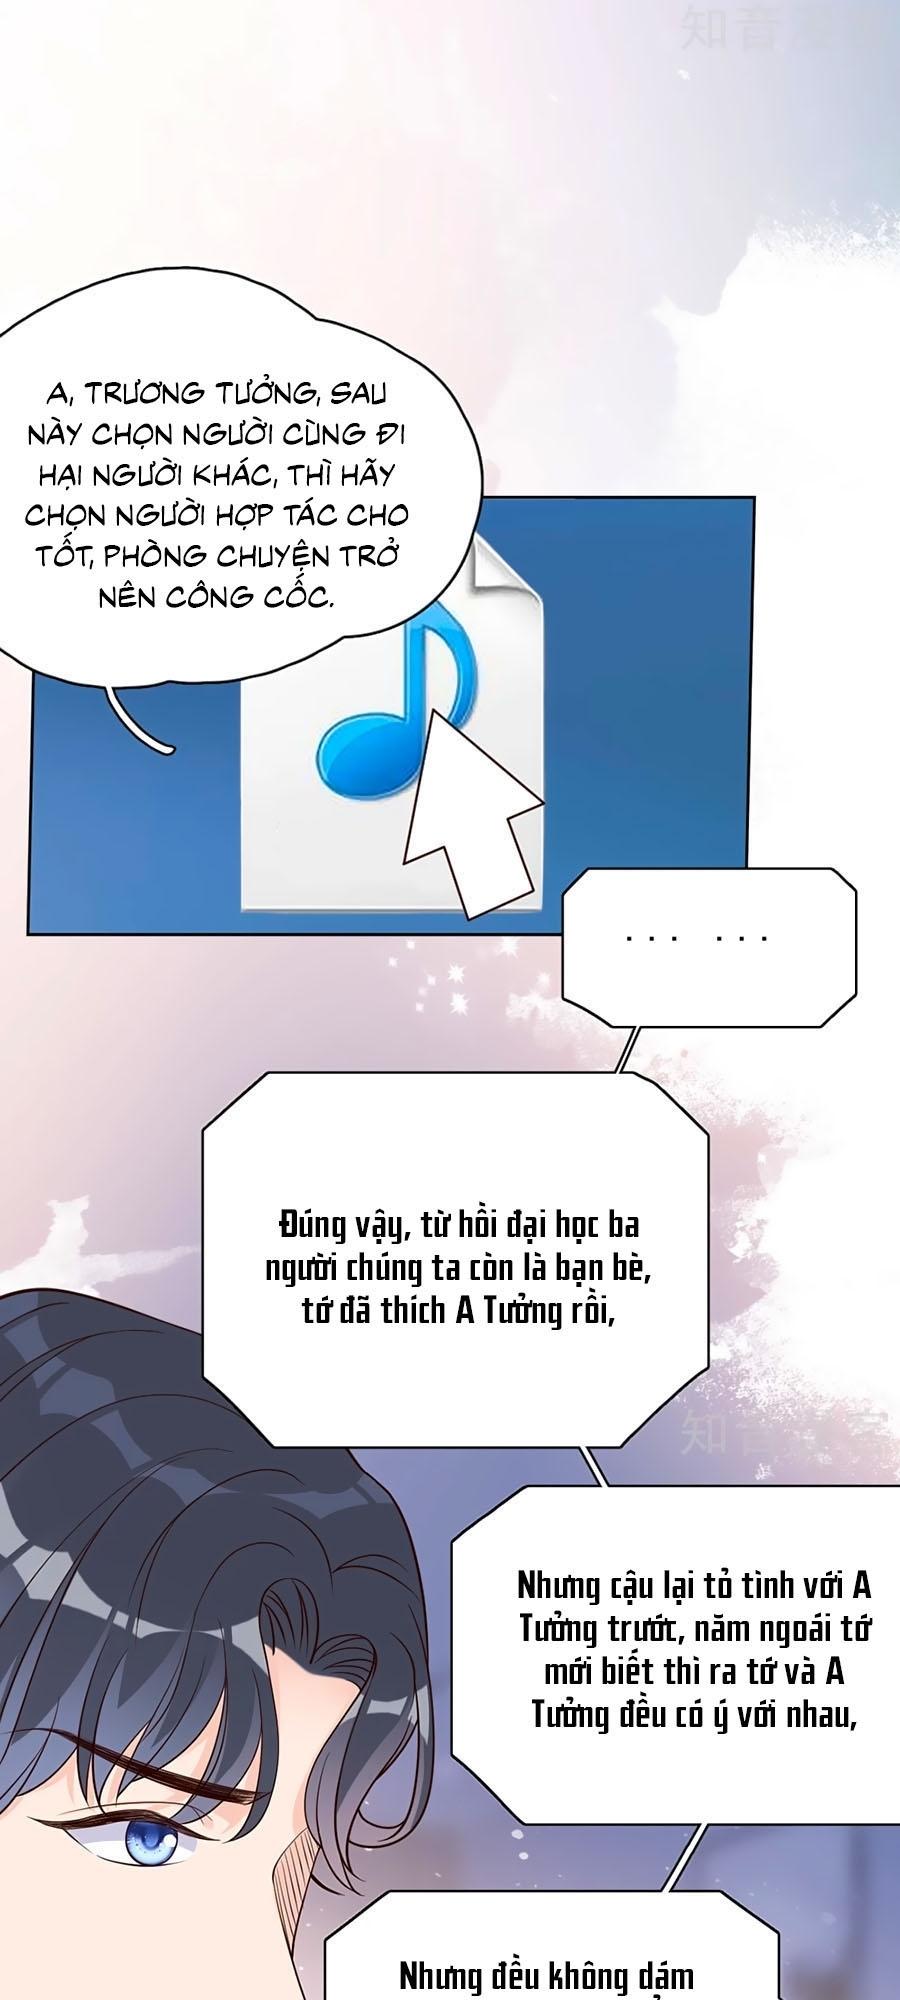 Đưa em đi chơi chap 28 - Trang 17